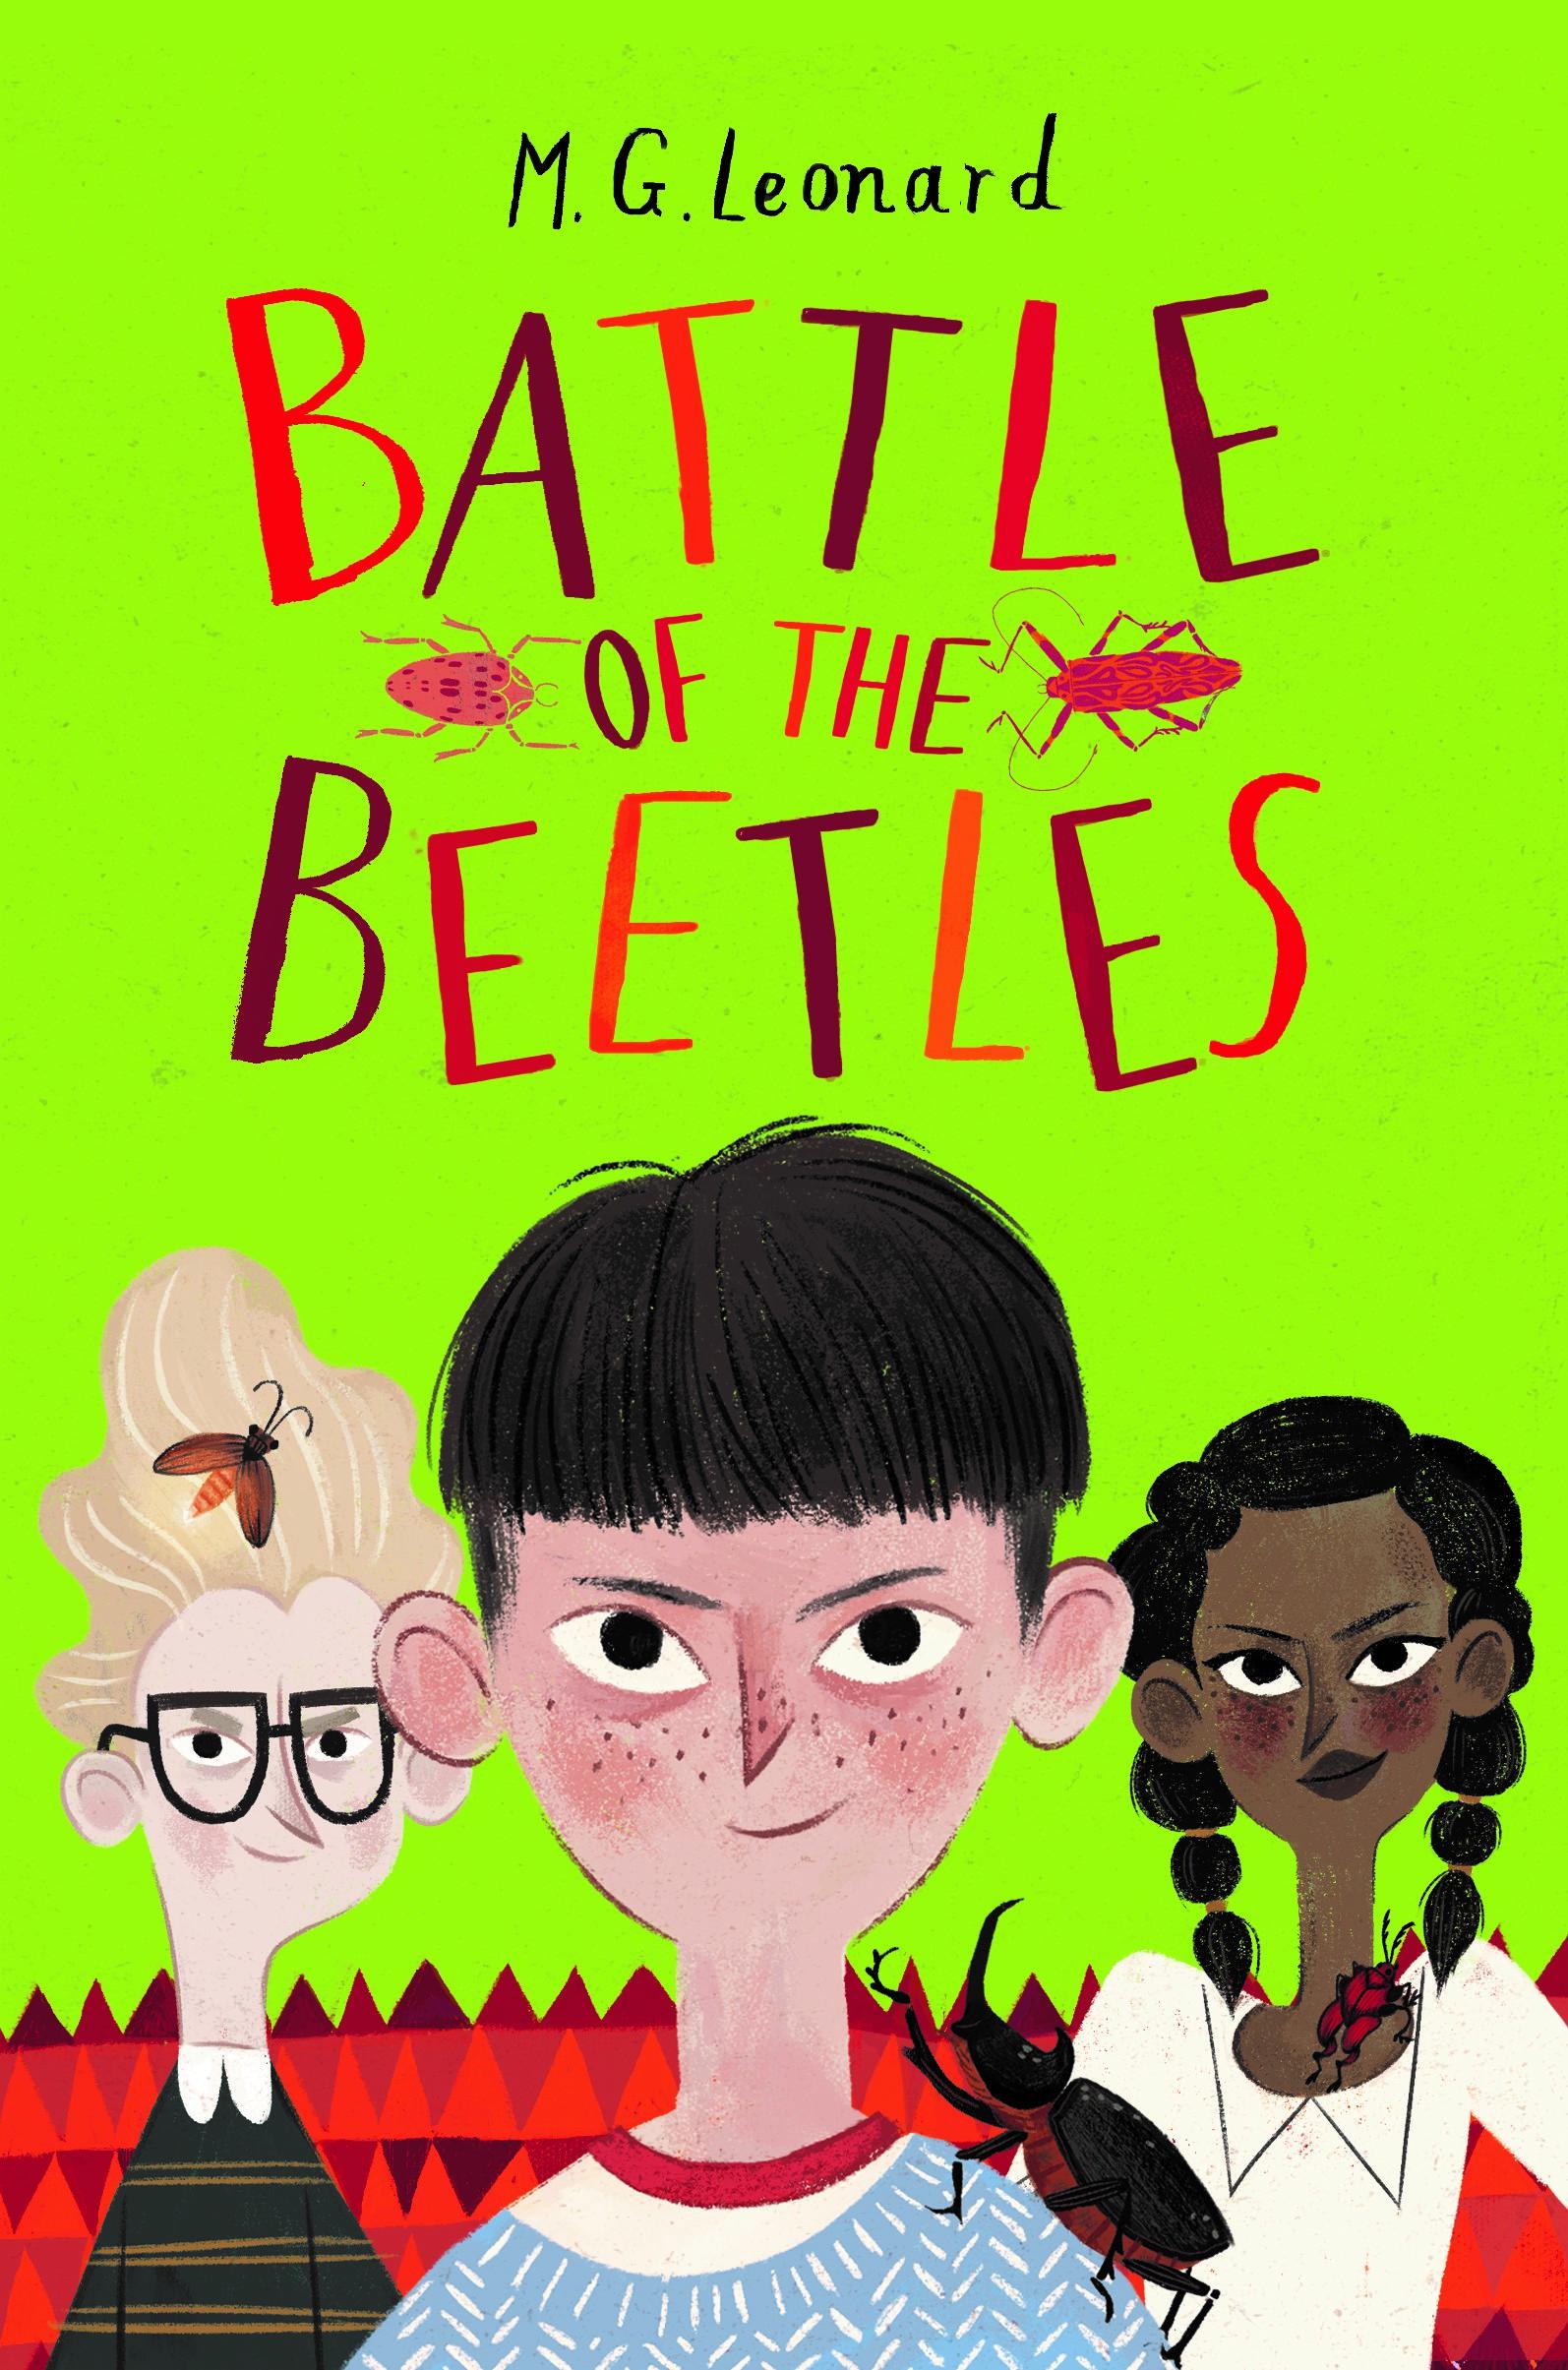 Battle of the Beetles_fullres.jpg